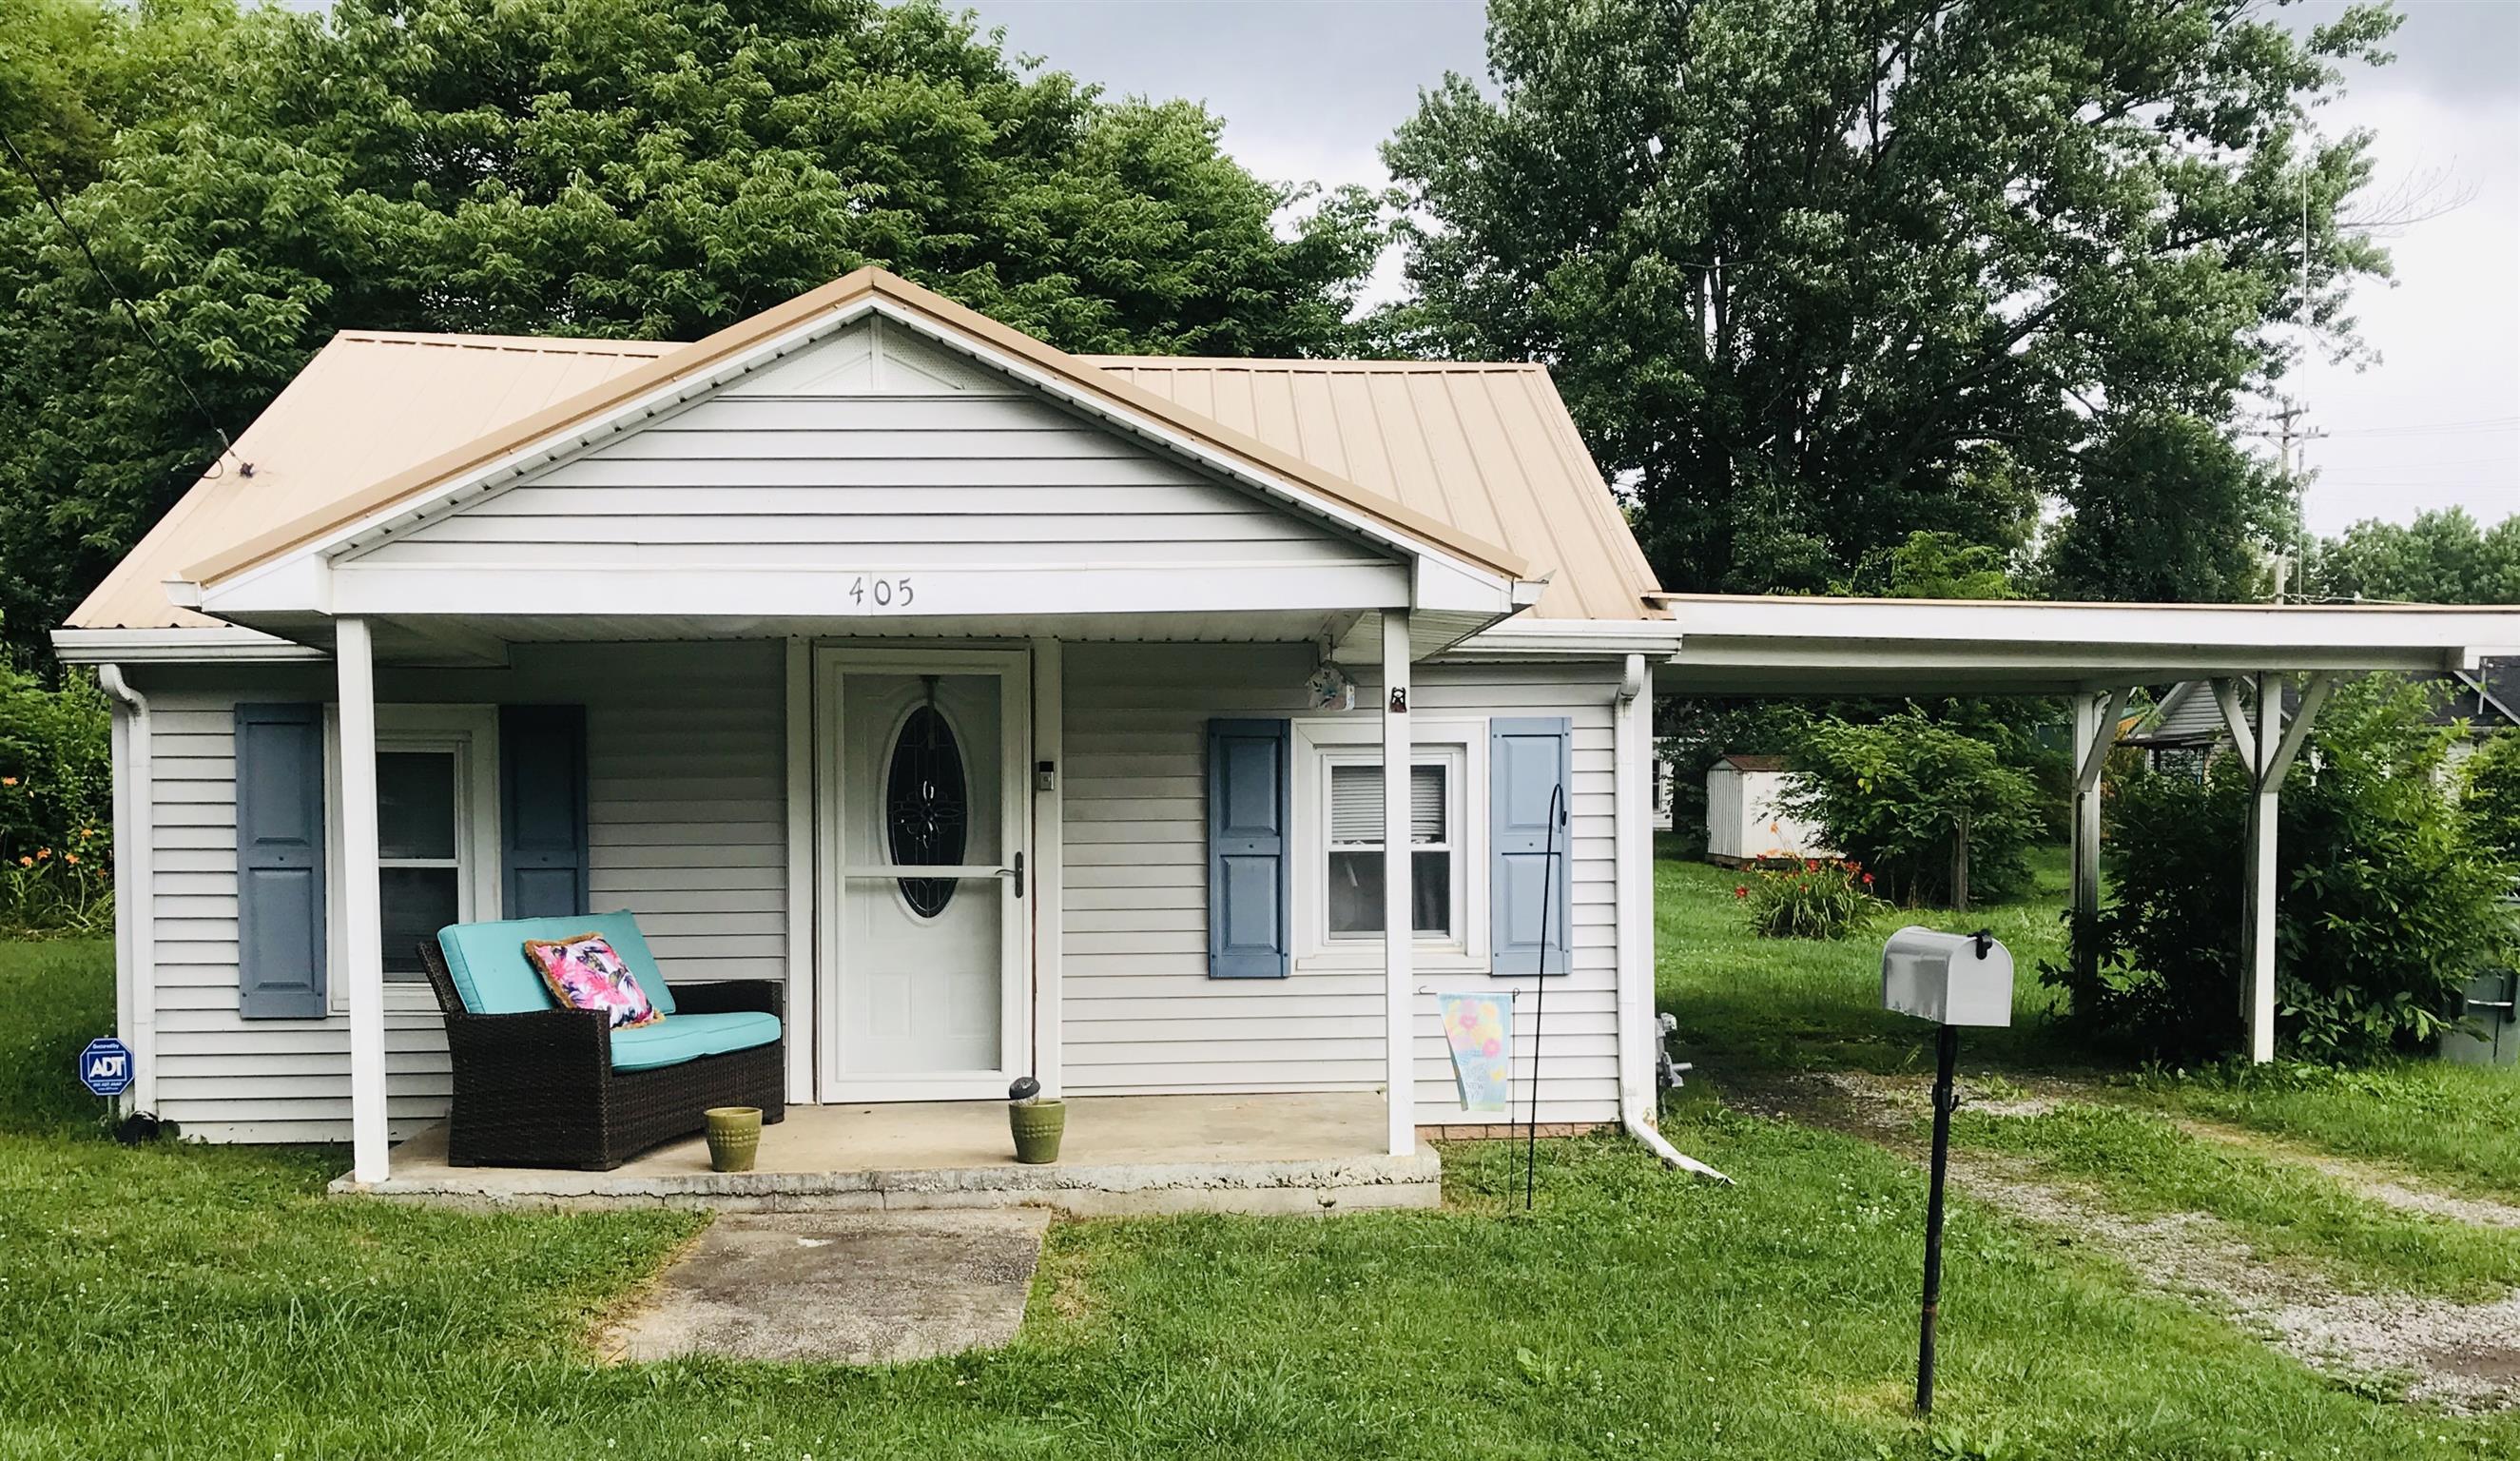 405 W McGlothlin St, W, Portland, TN 37148 - Portland, TN real estate listing